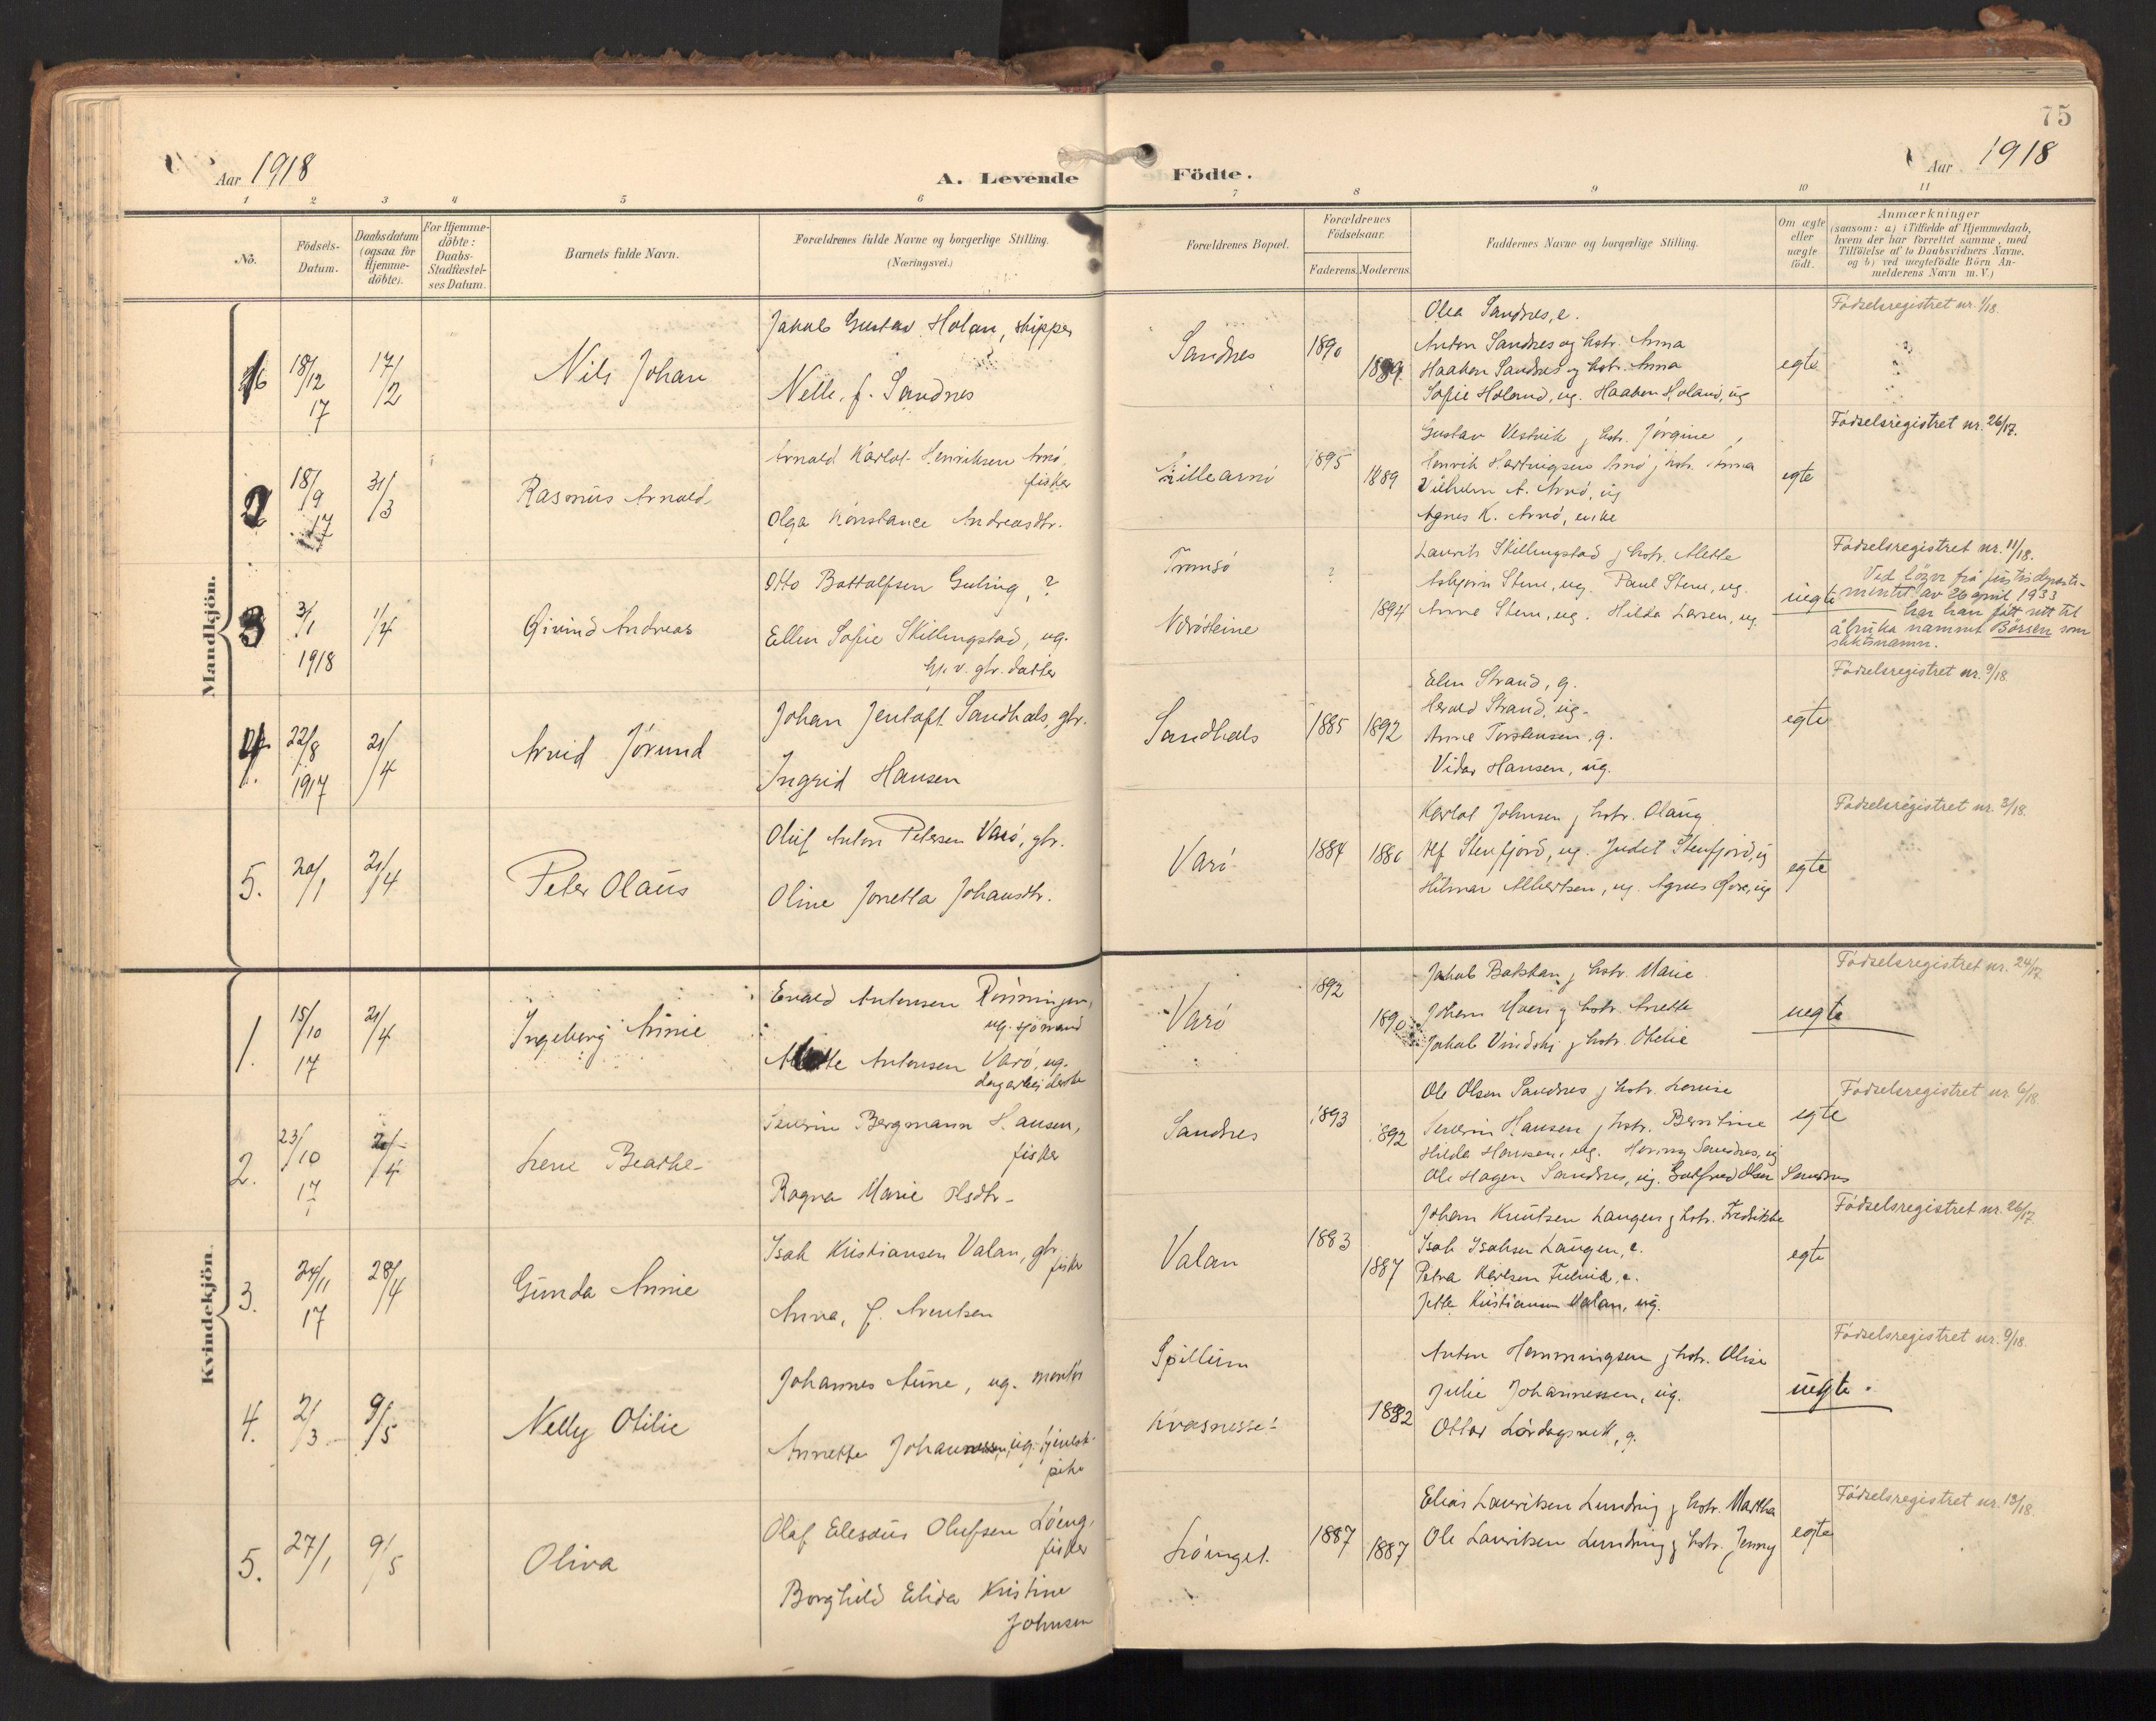 SAT, Ministerialprotokoller, klokkerbøker og fødselsregistre - Nord-Trøndelag, 784/L0677: Ministerialbok nr. 784A12, 1900-1920, s. 75